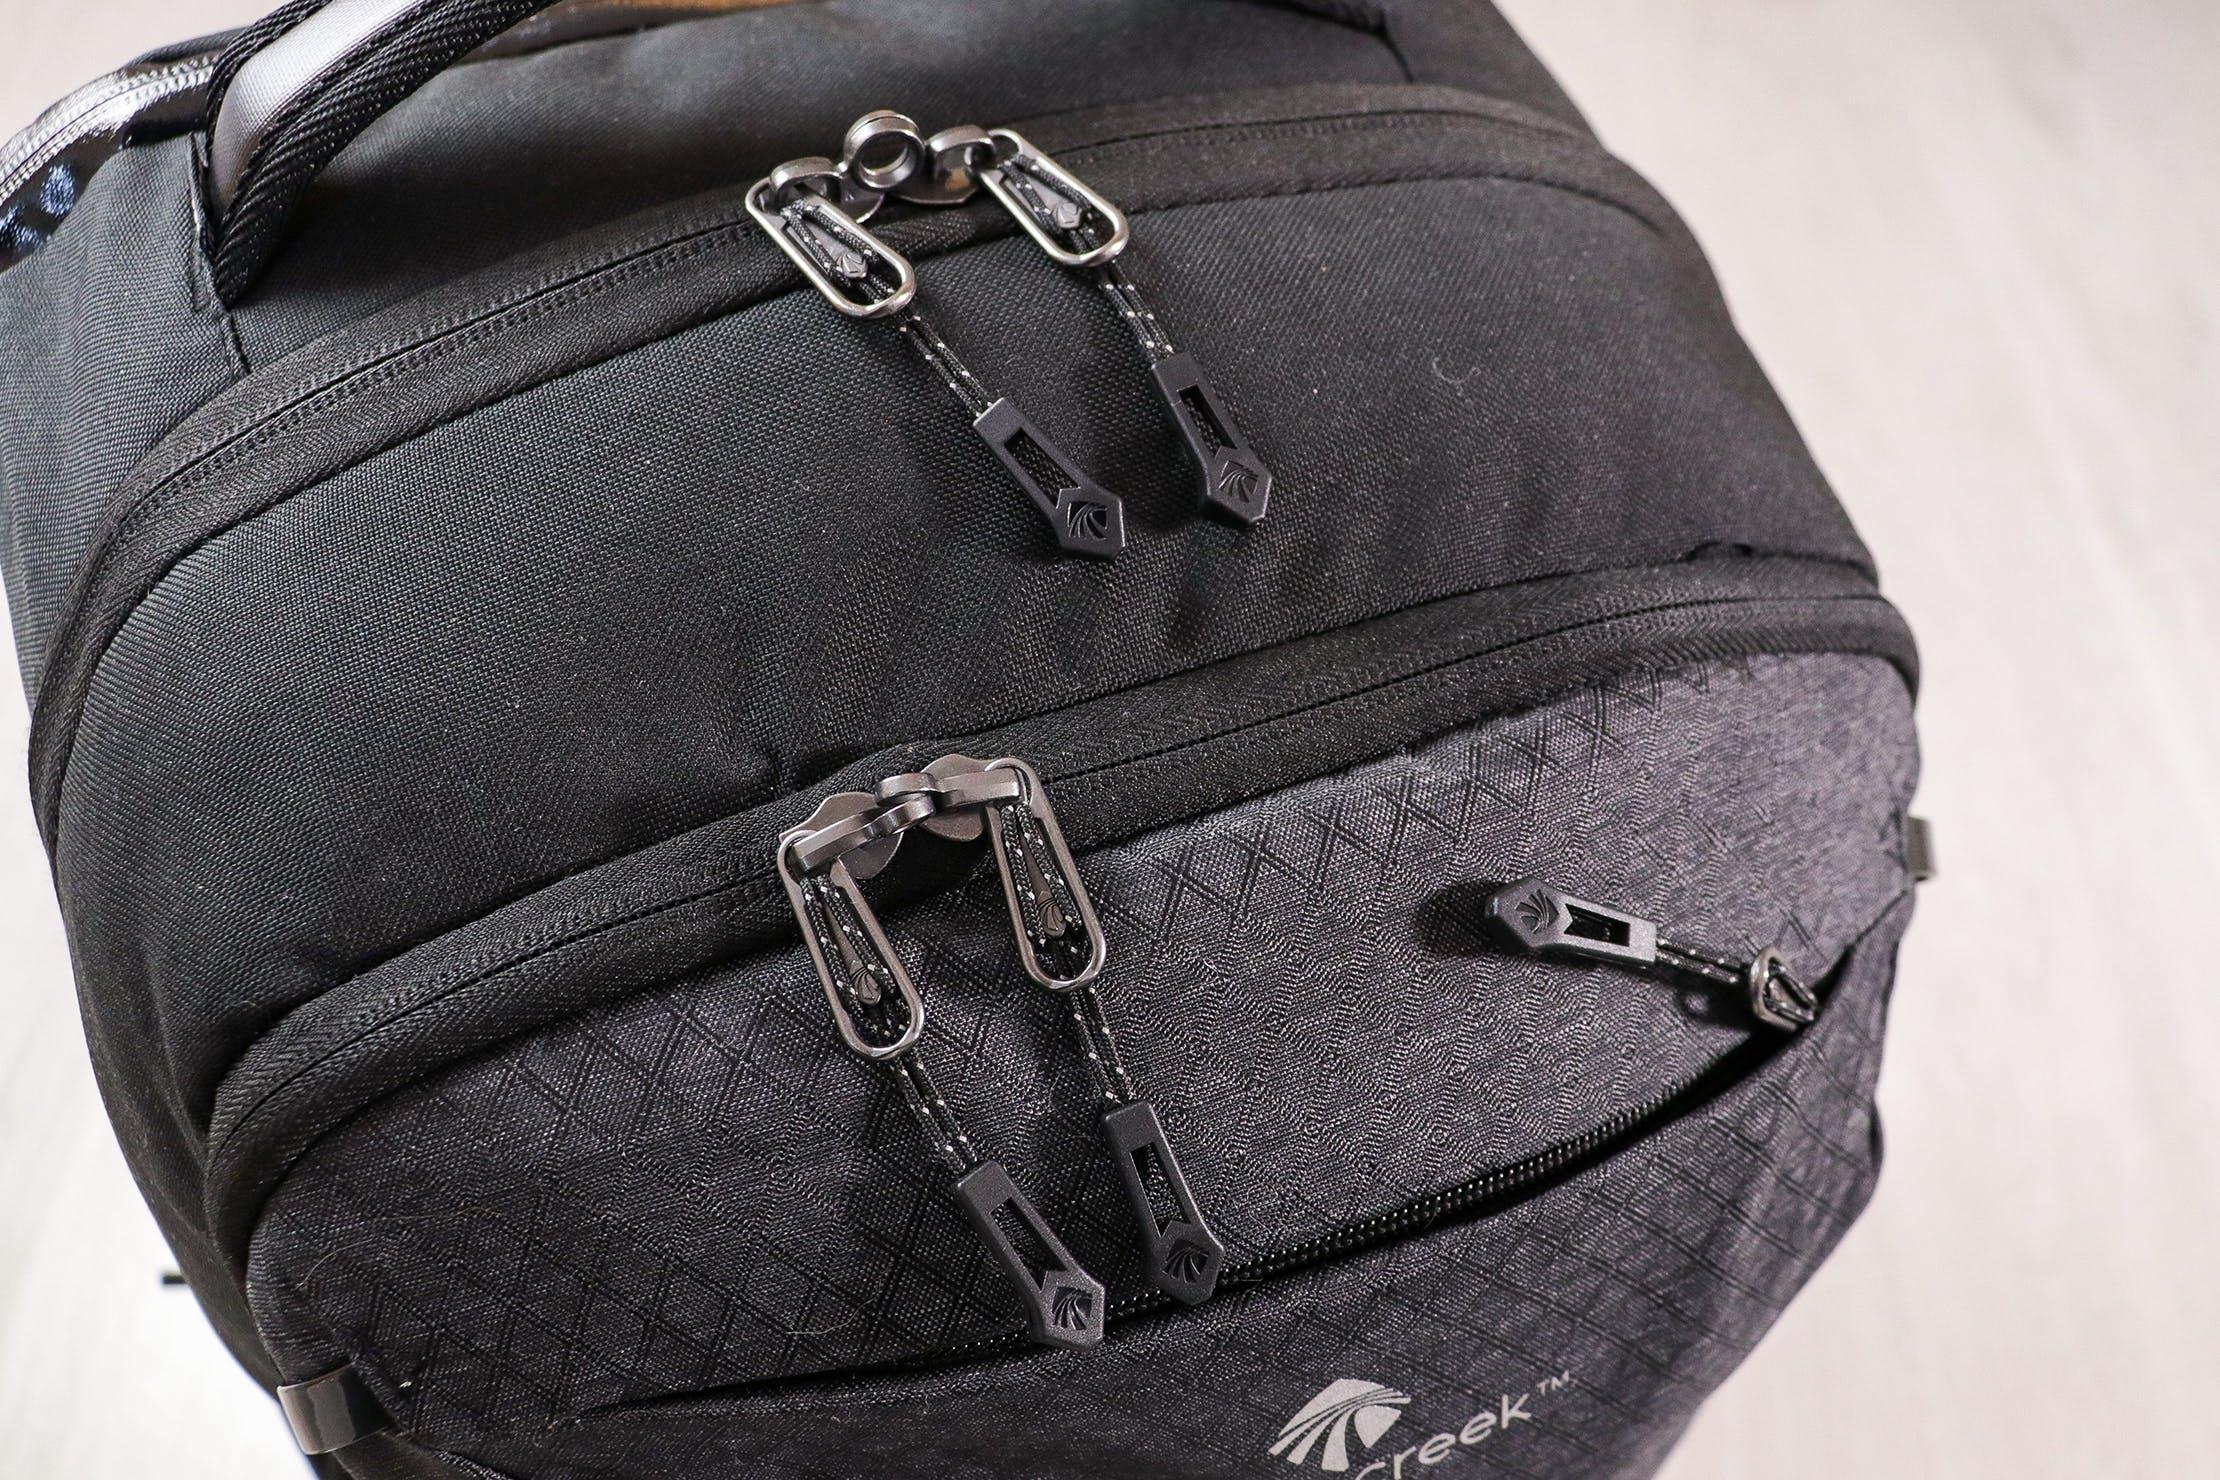 Eagle Creek Wayfinder Backpack 40L Zippers